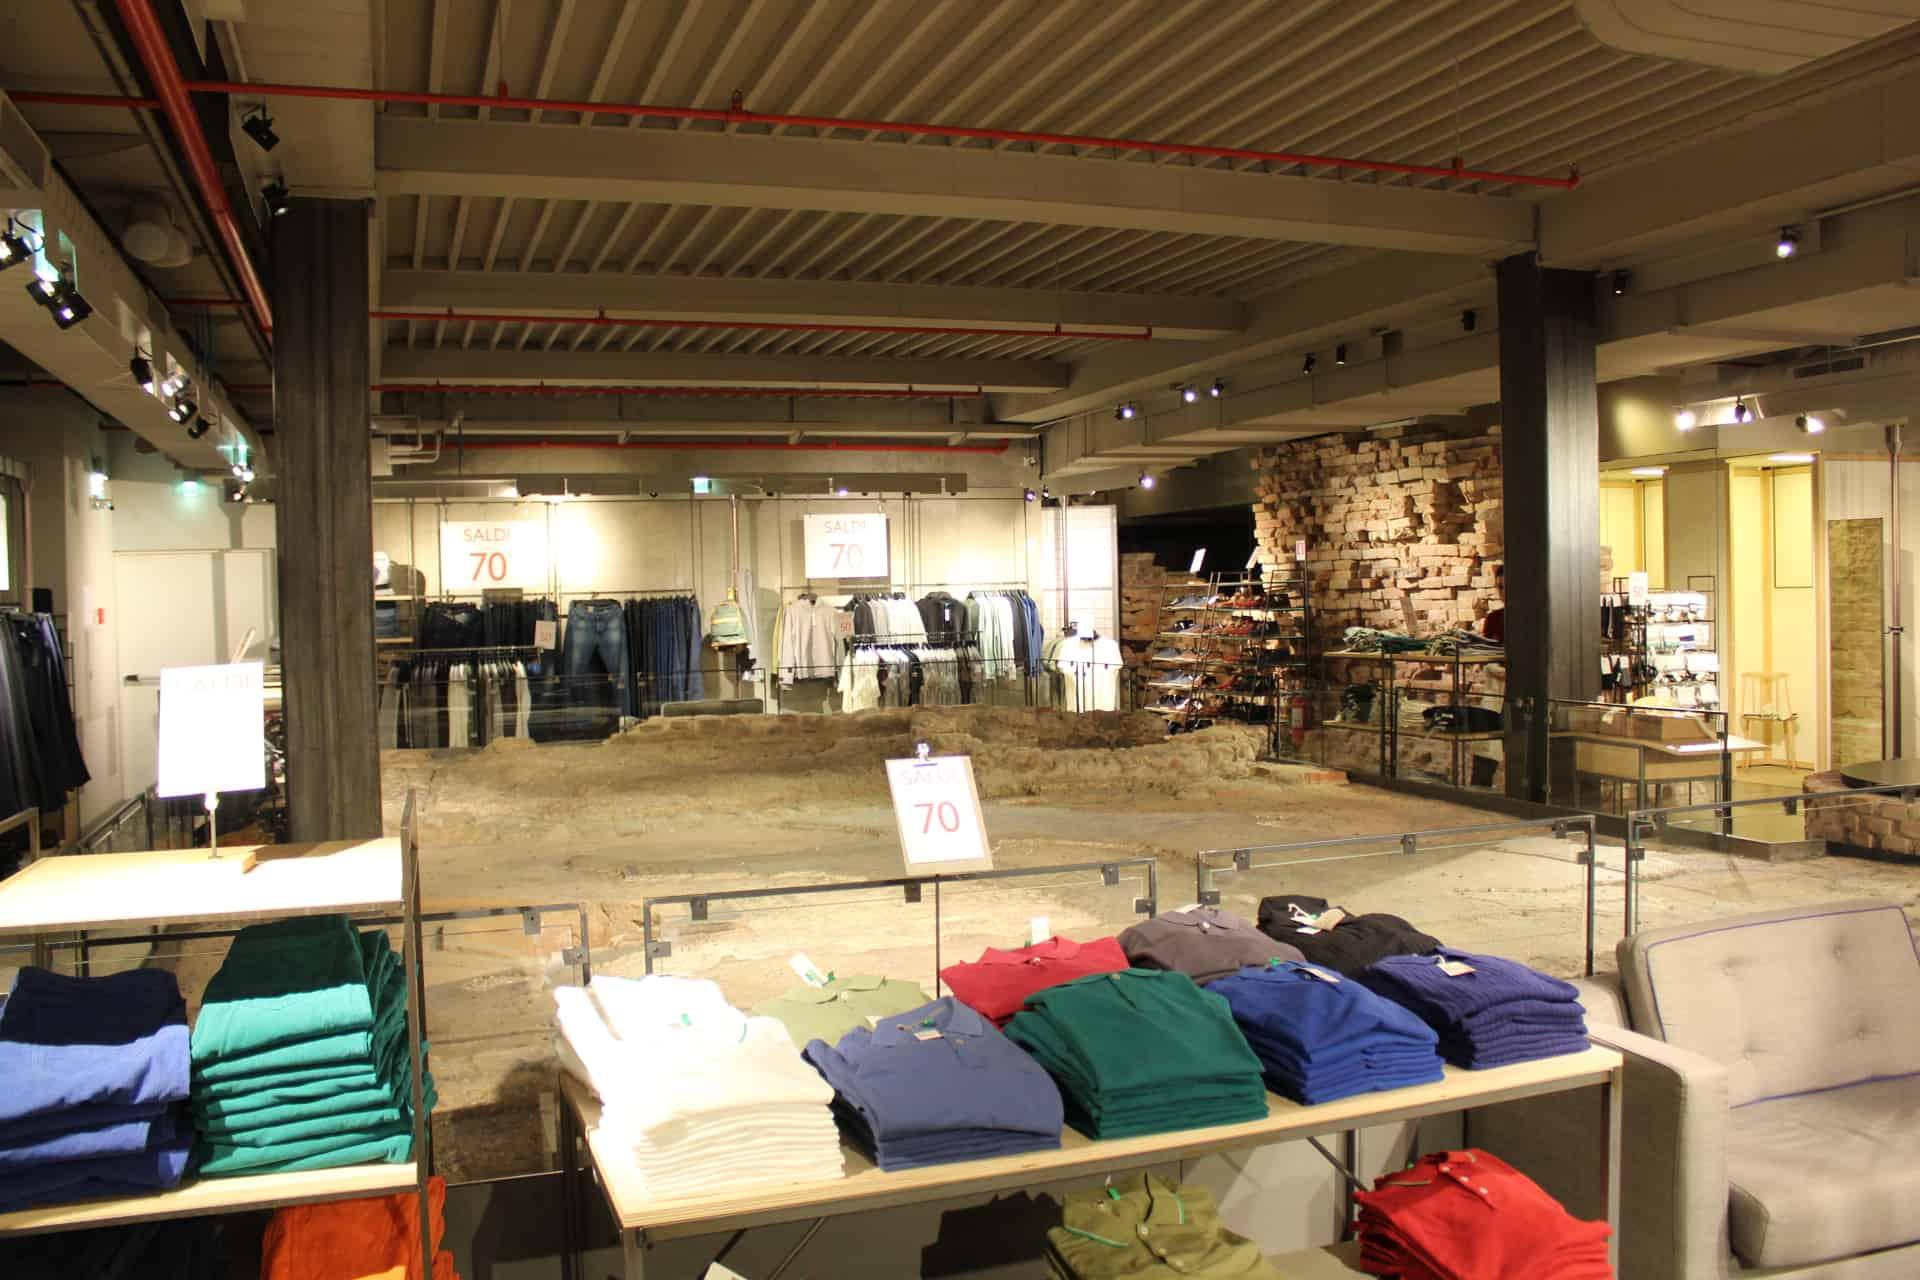 Sítio arqueológico no meio da loja da Benetton